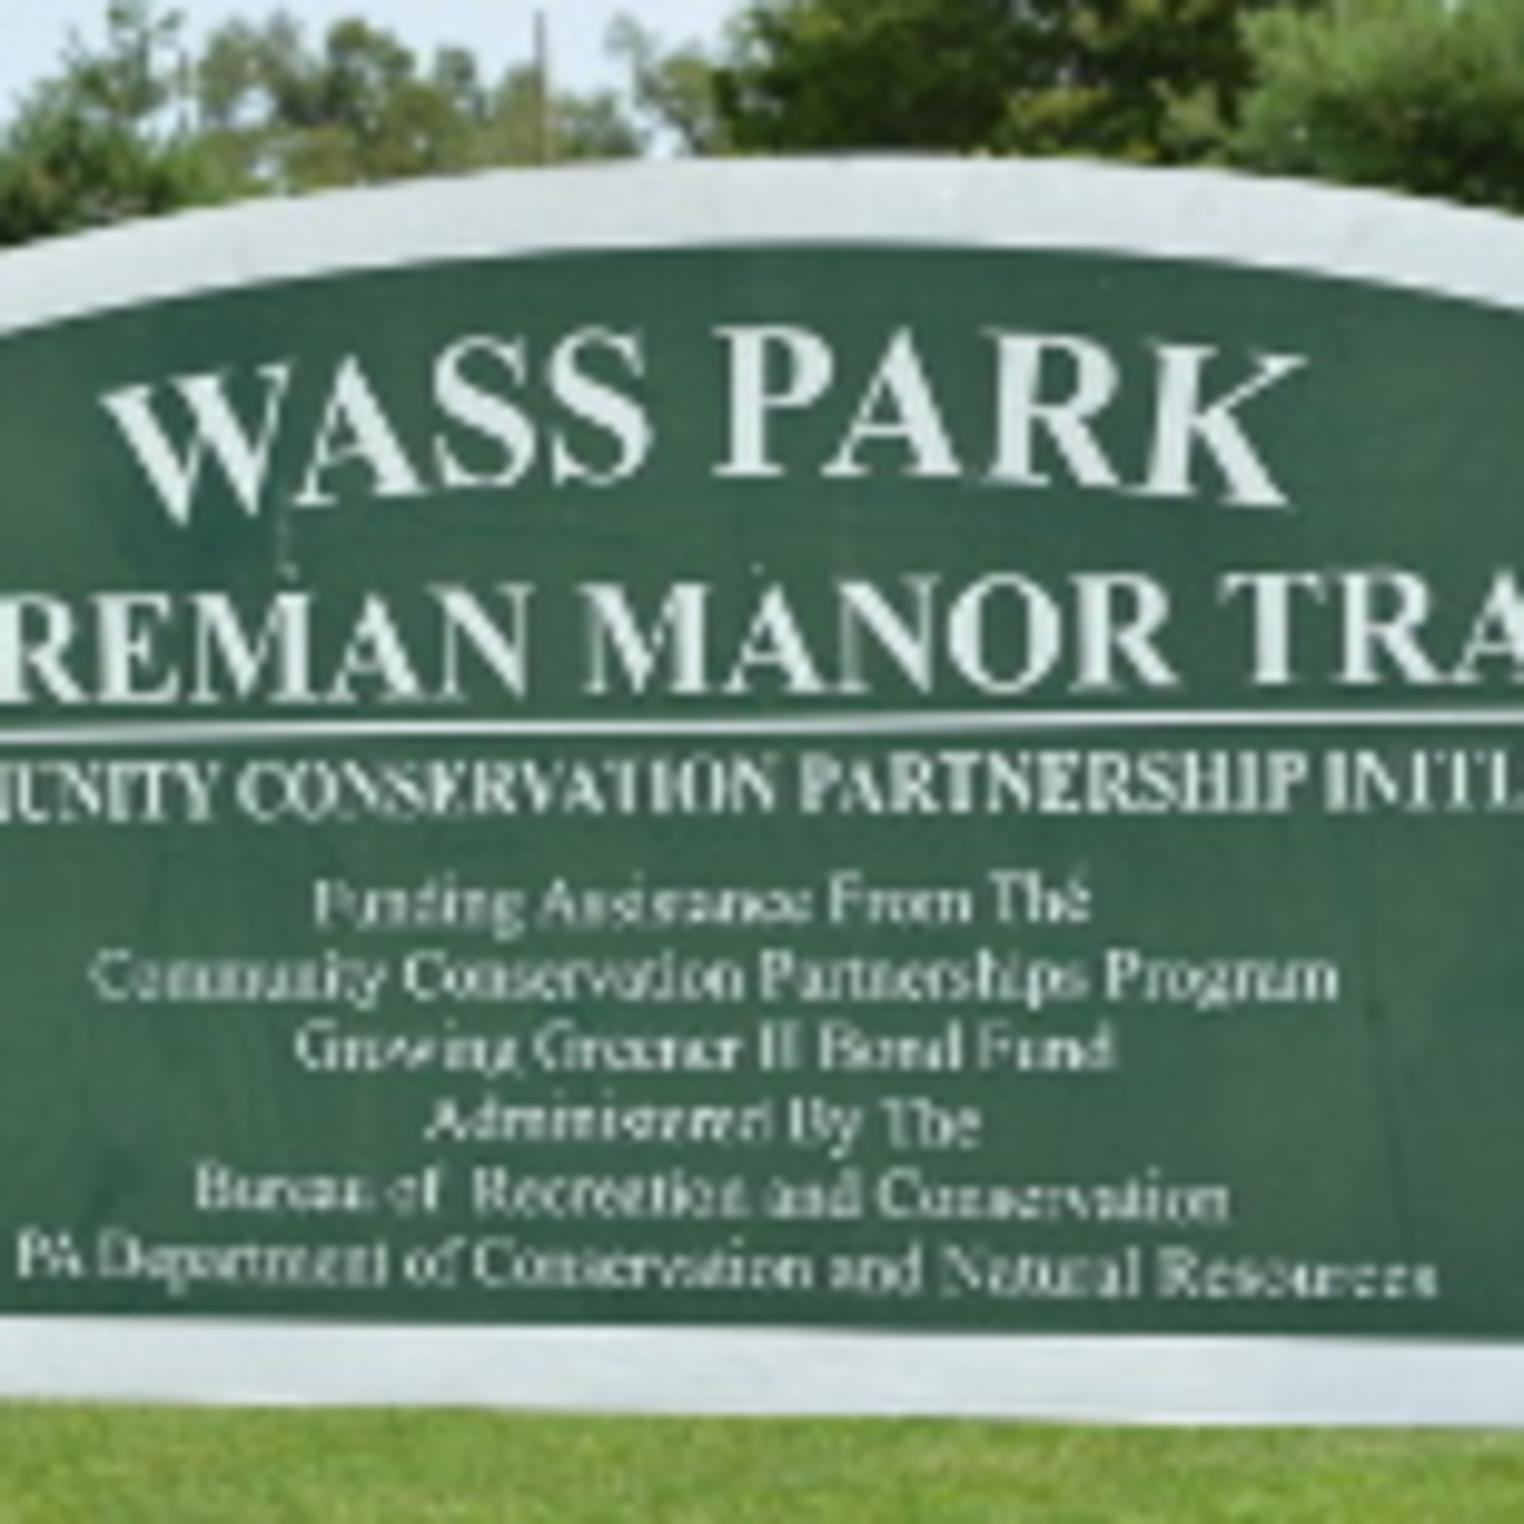 Wass Park